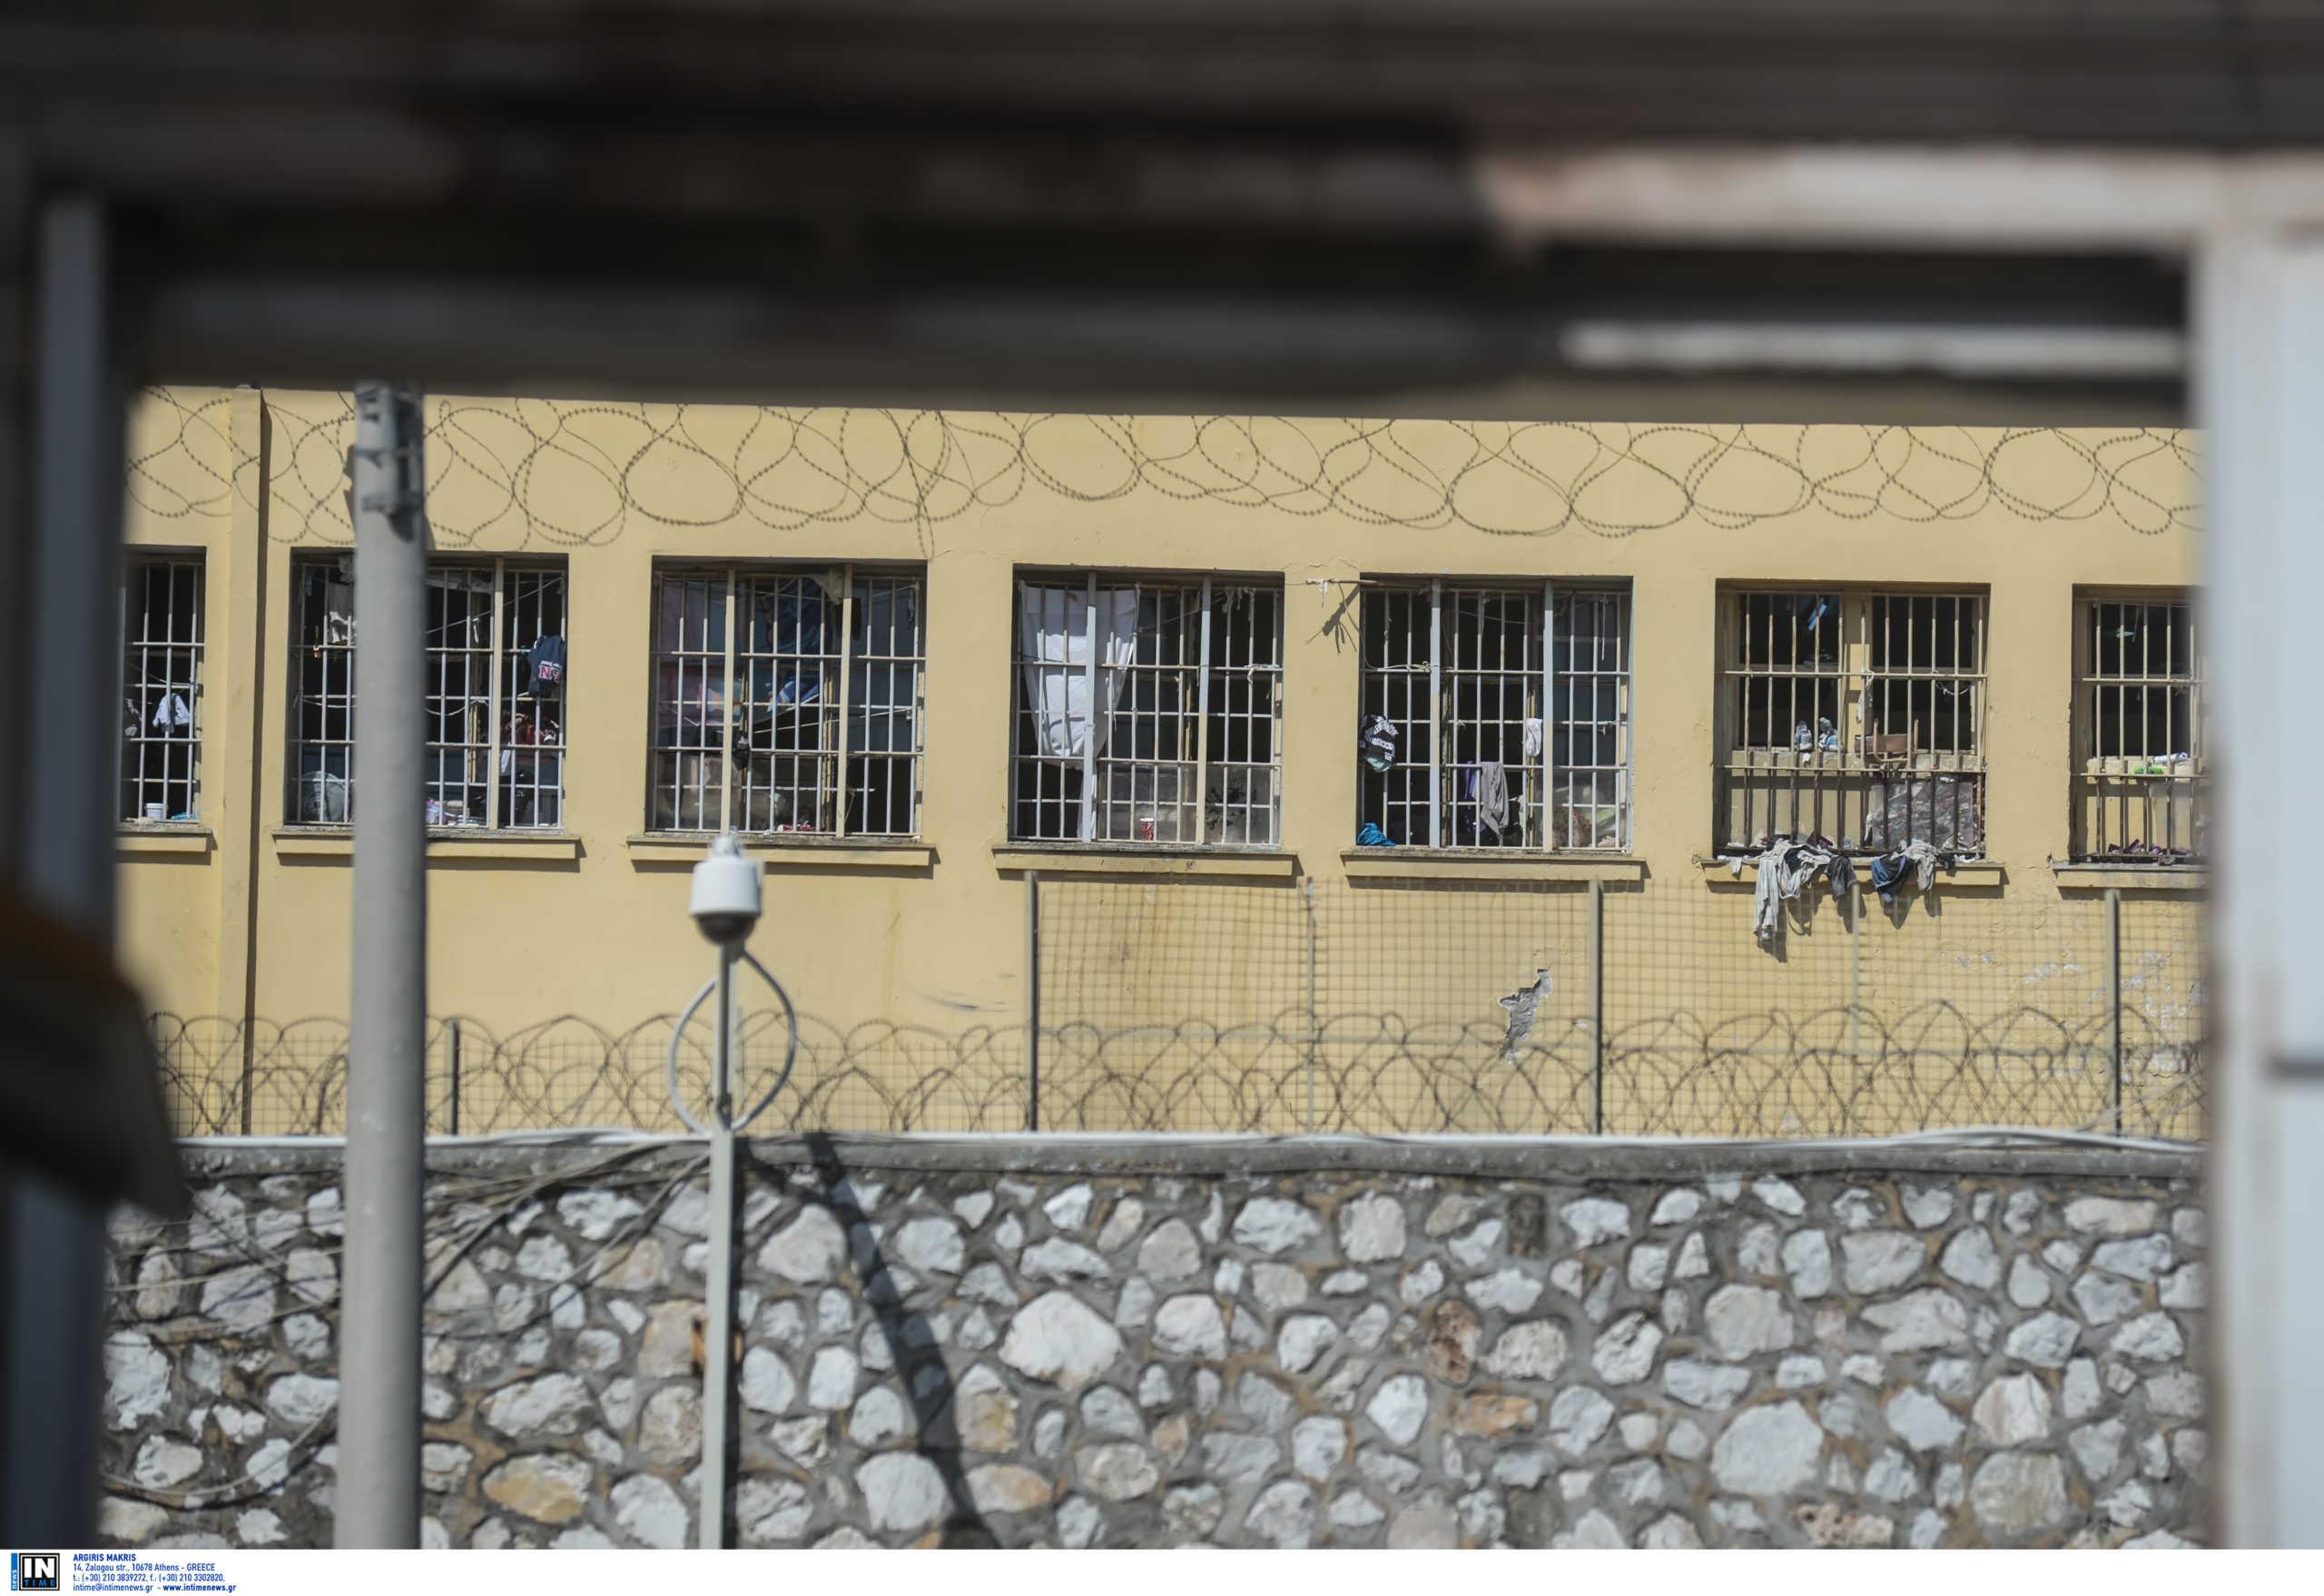 Κορονοϊός – Θεσσαλονίκη: Χωρίστηκαν σε τρεις ζώνες οι κρατούμενοι στις φυλακές Διαβατών μετά τα αλλεπάλληλα κρούσματα